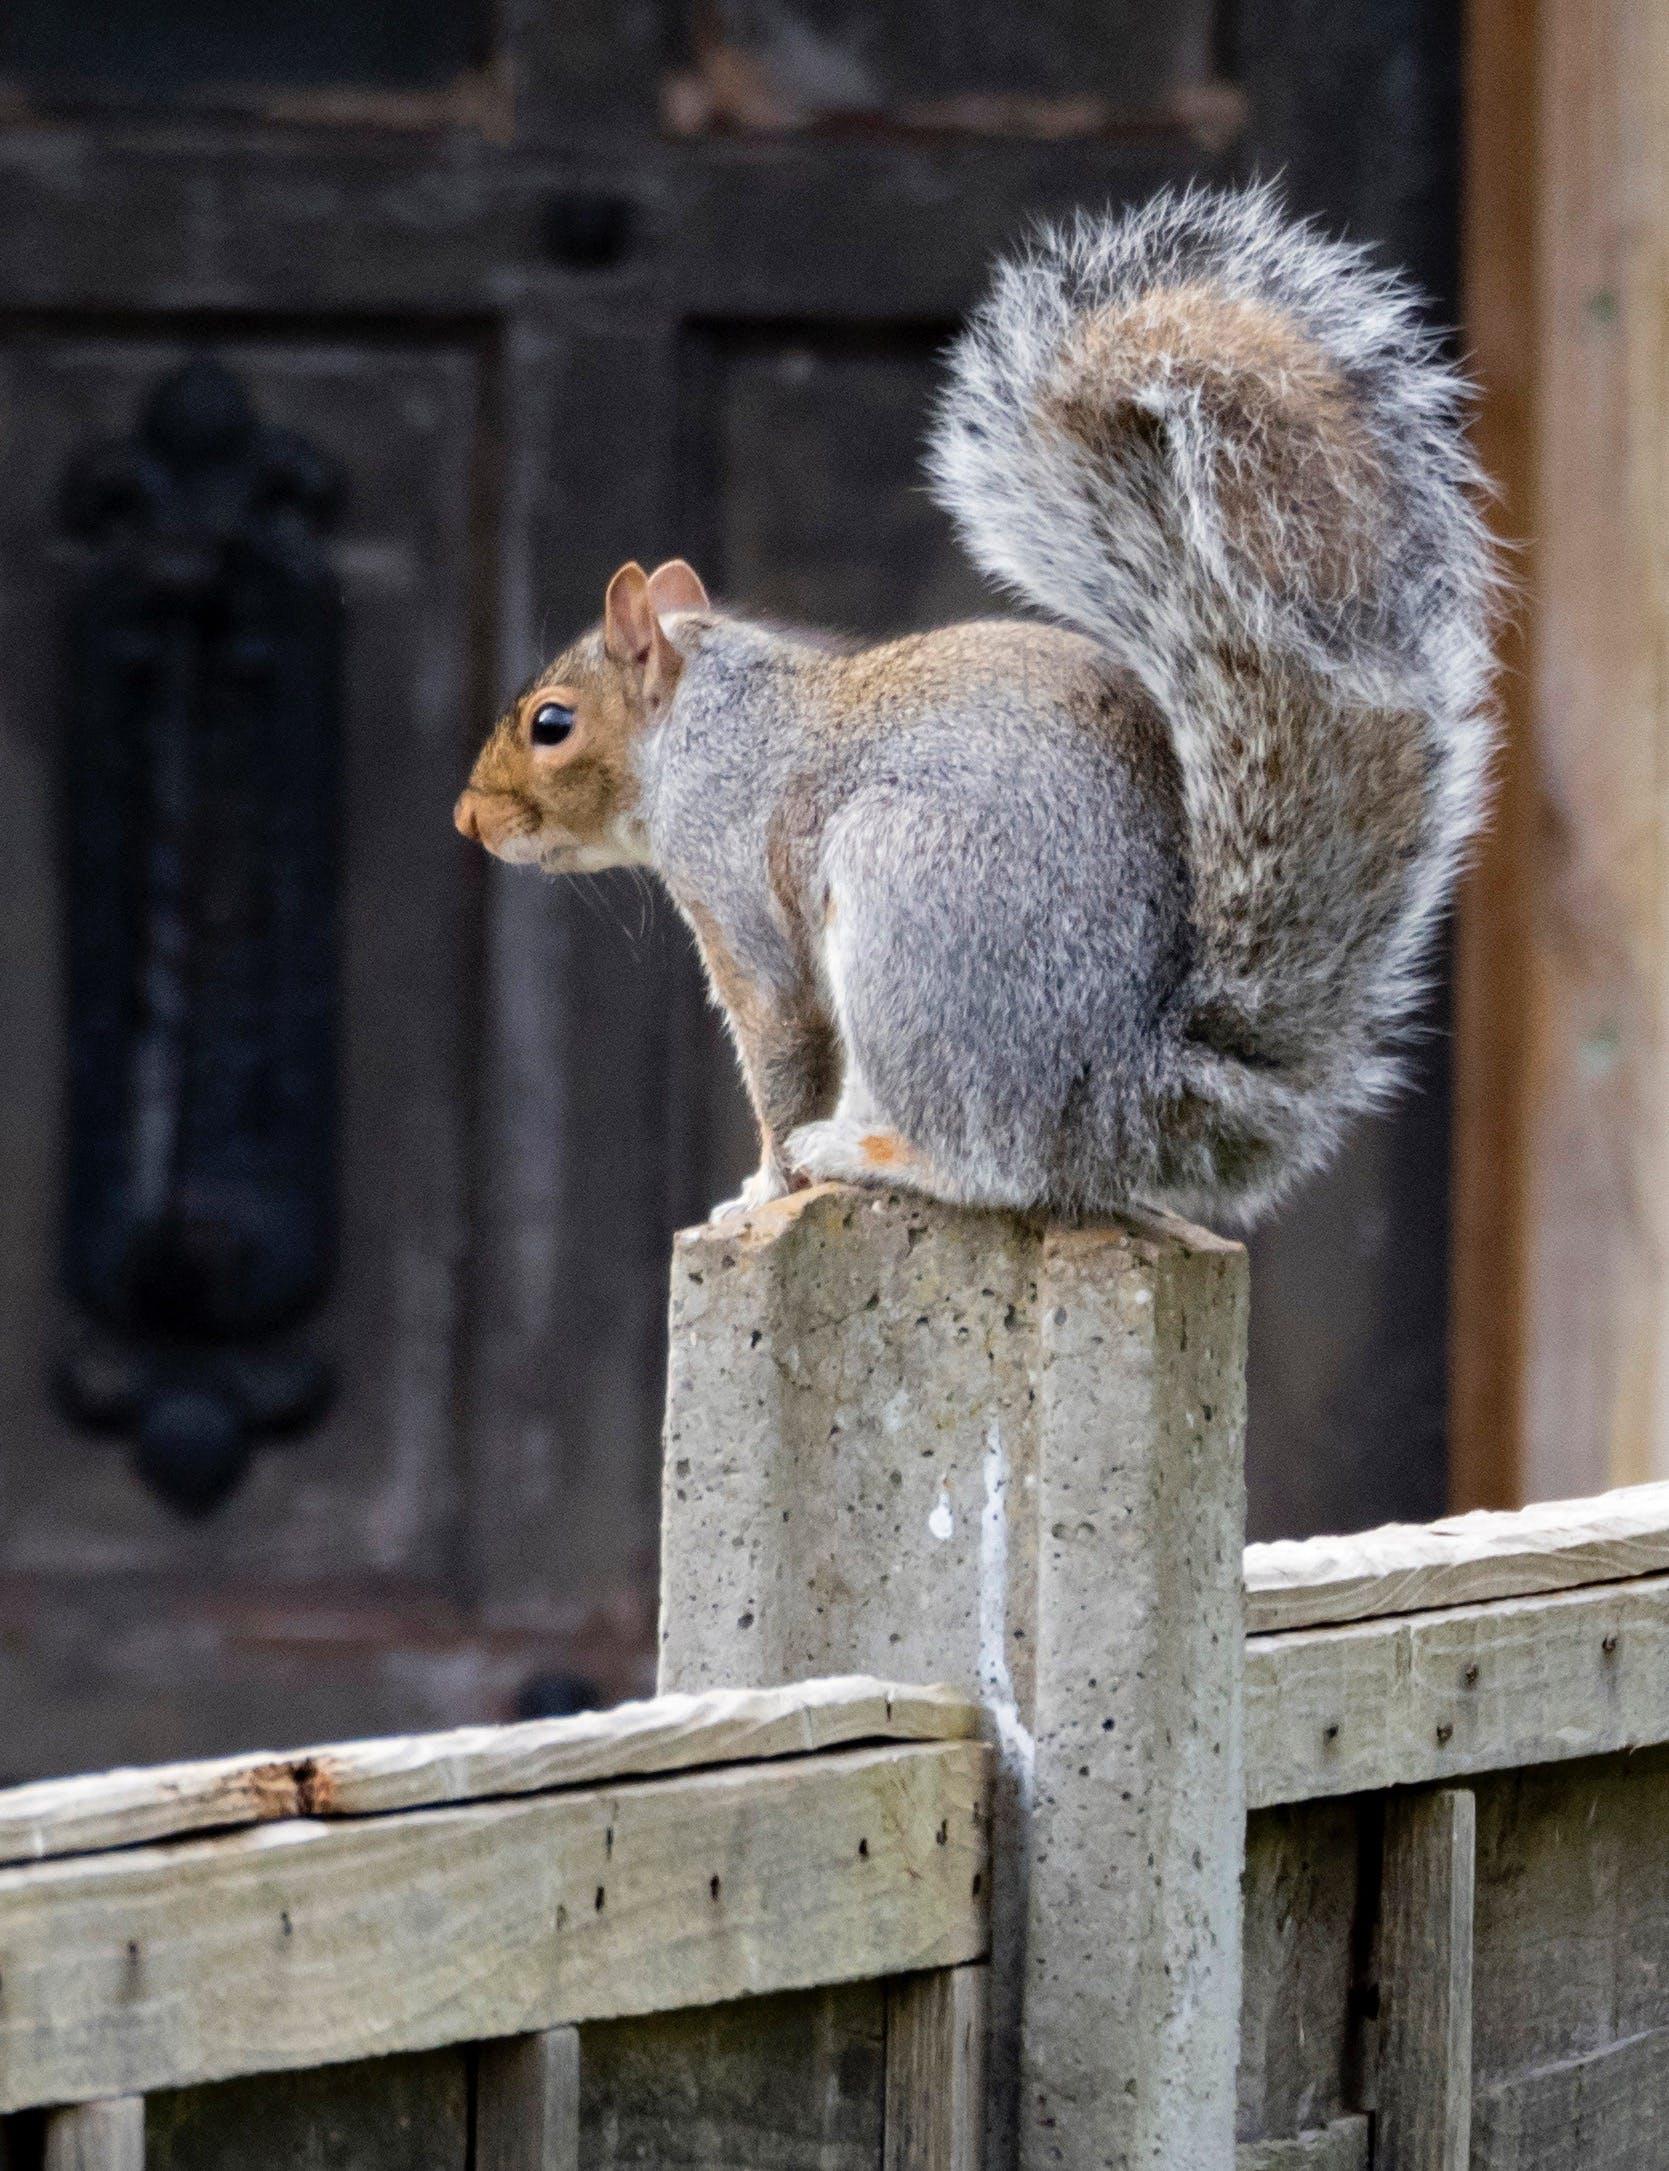 Free stock photo of gray squirrel, grey squirrel, squirrel